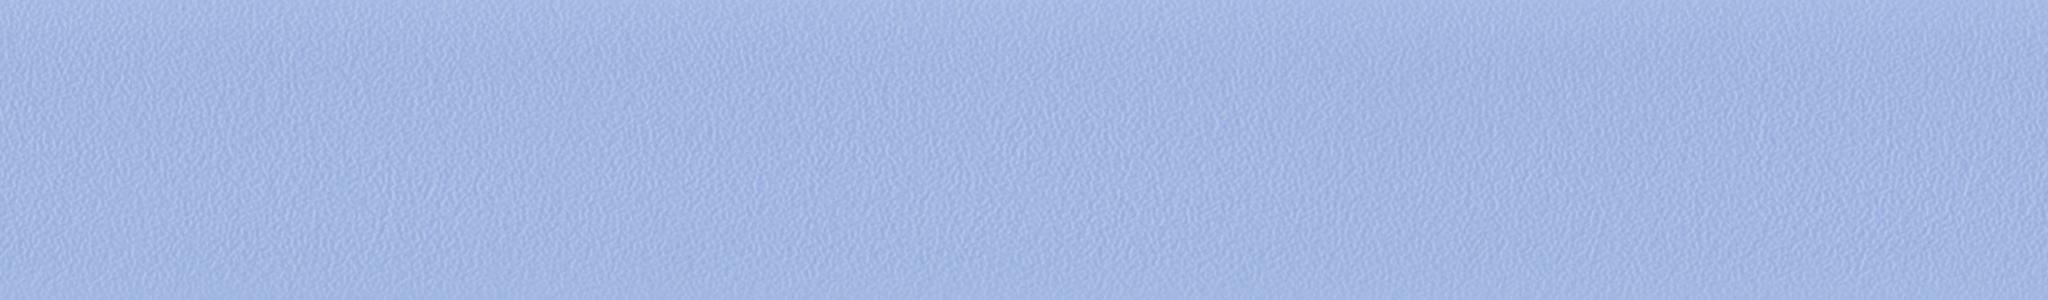 HU 15755 ABS hrana modrá perla 101